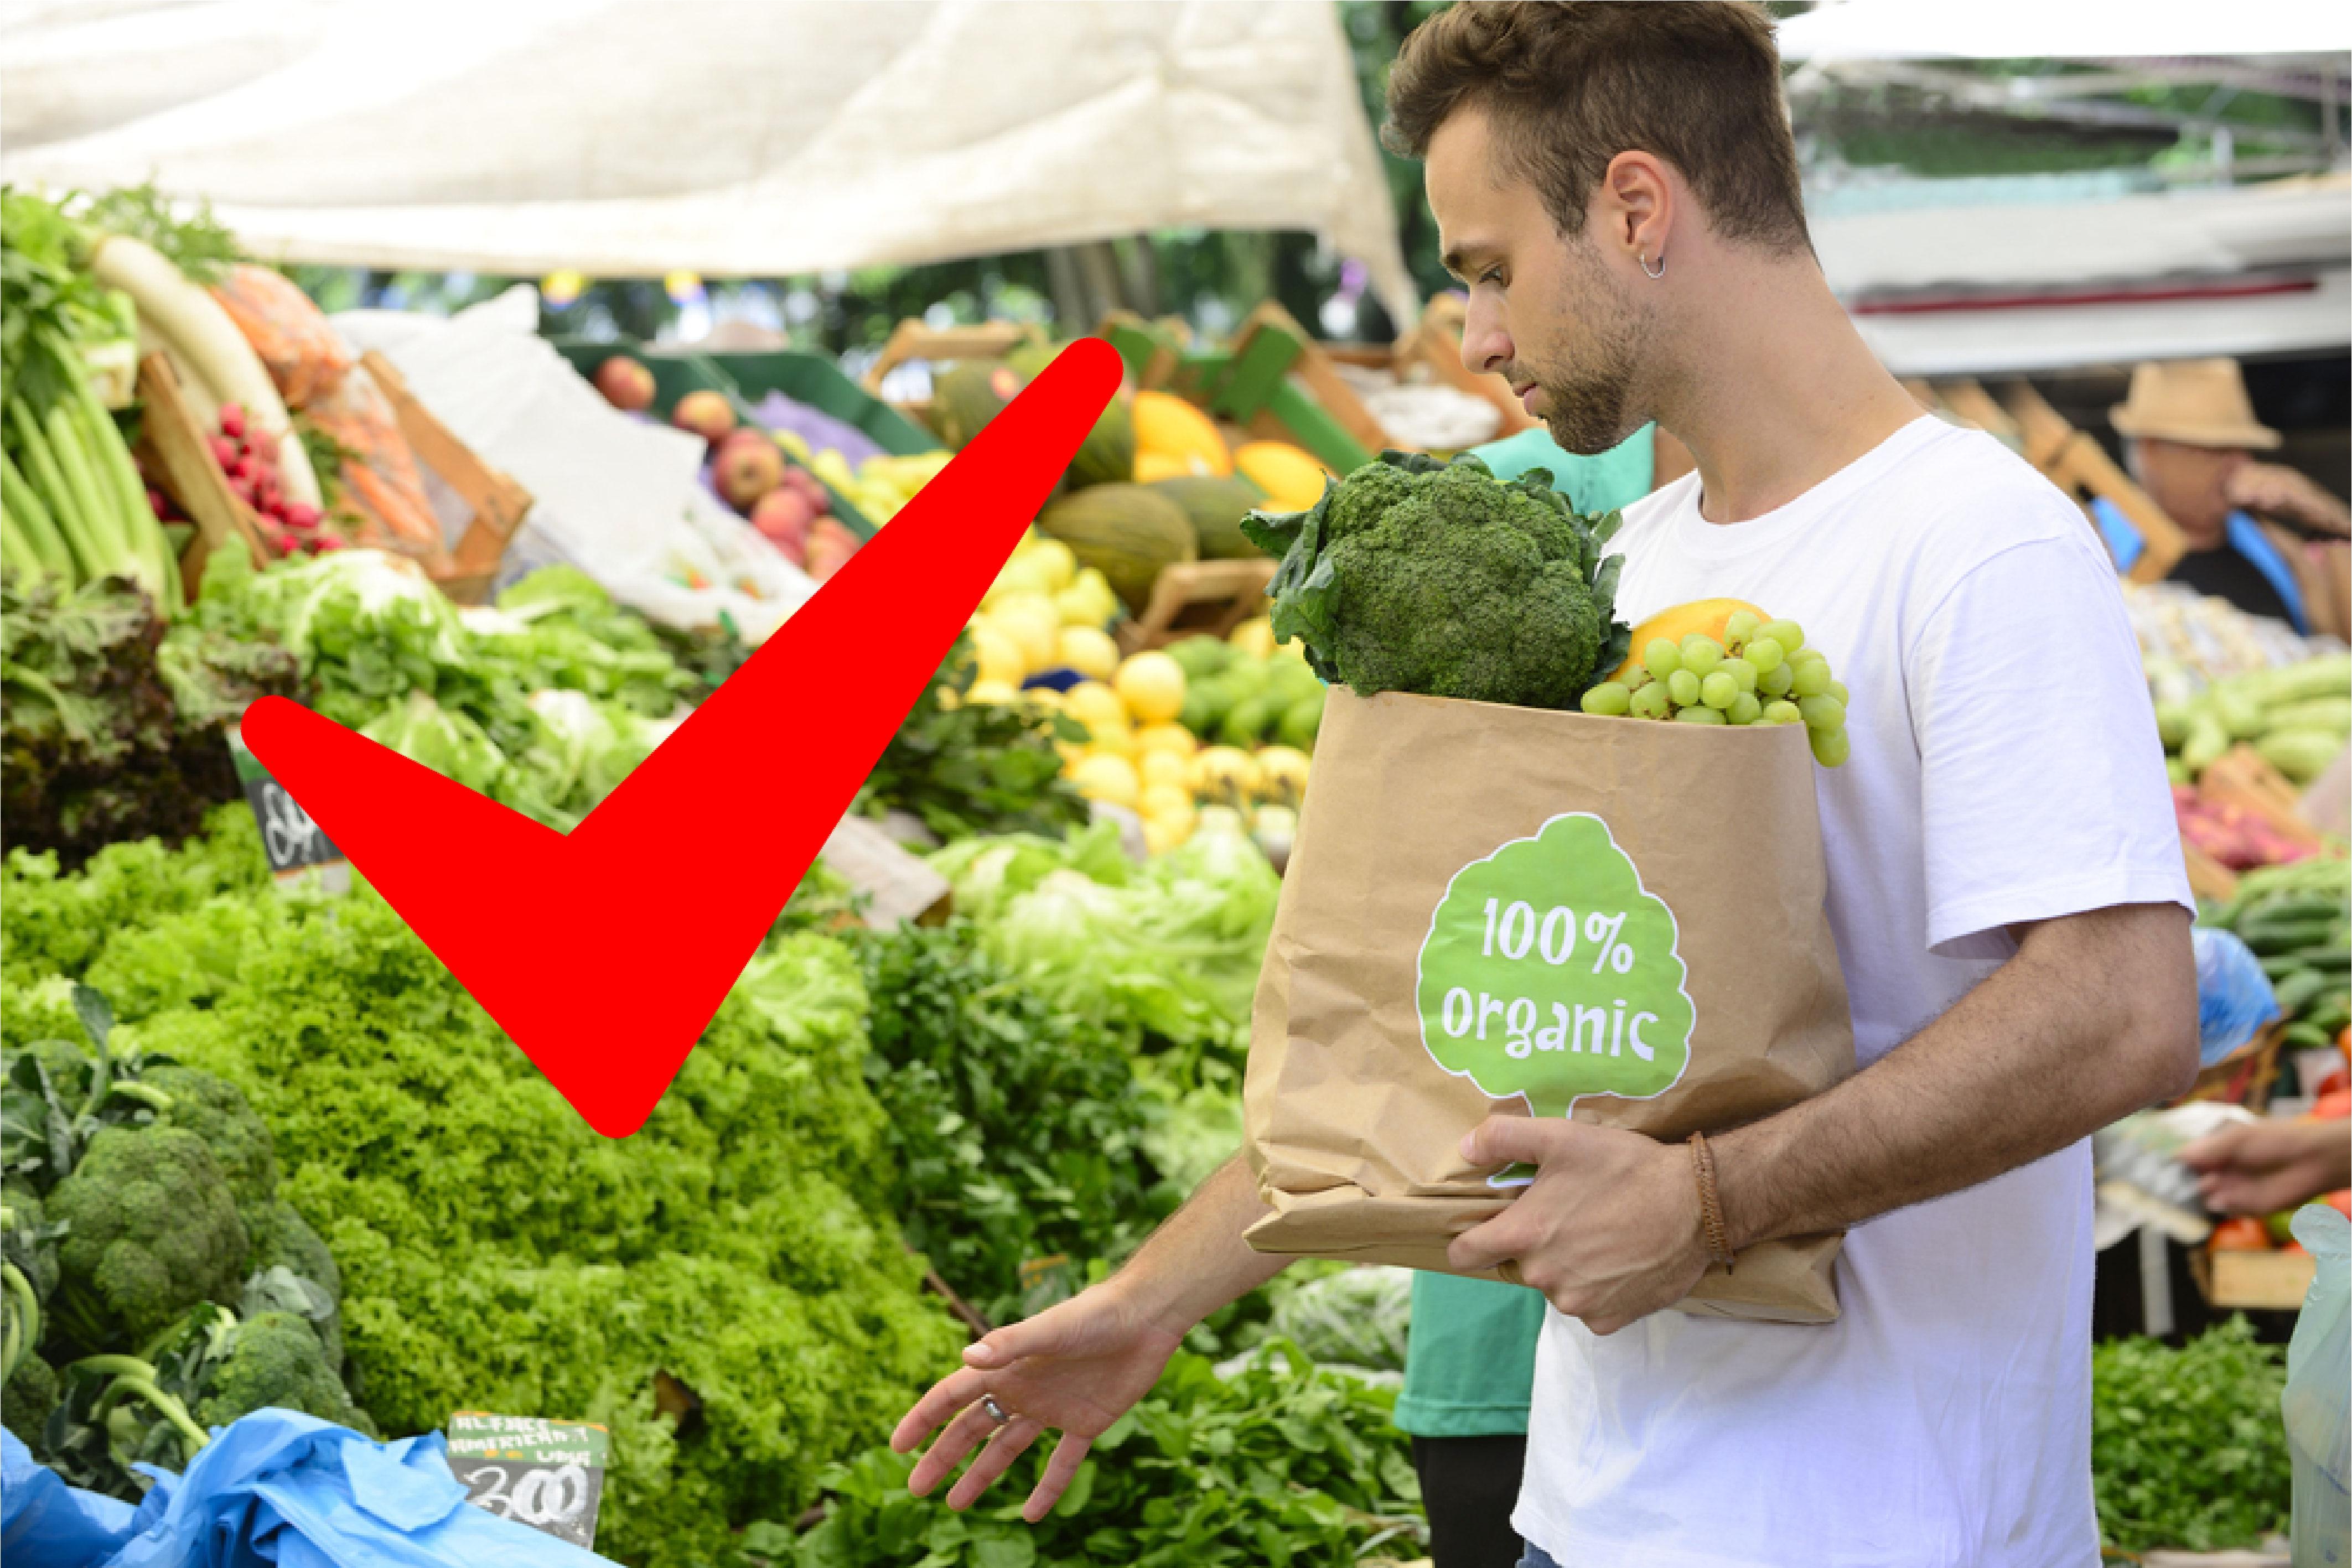 7-harika-besin-ile-dnanizi-olumlu-yonde-gelistirip-daha-saglikli-yasayabilirsiniz